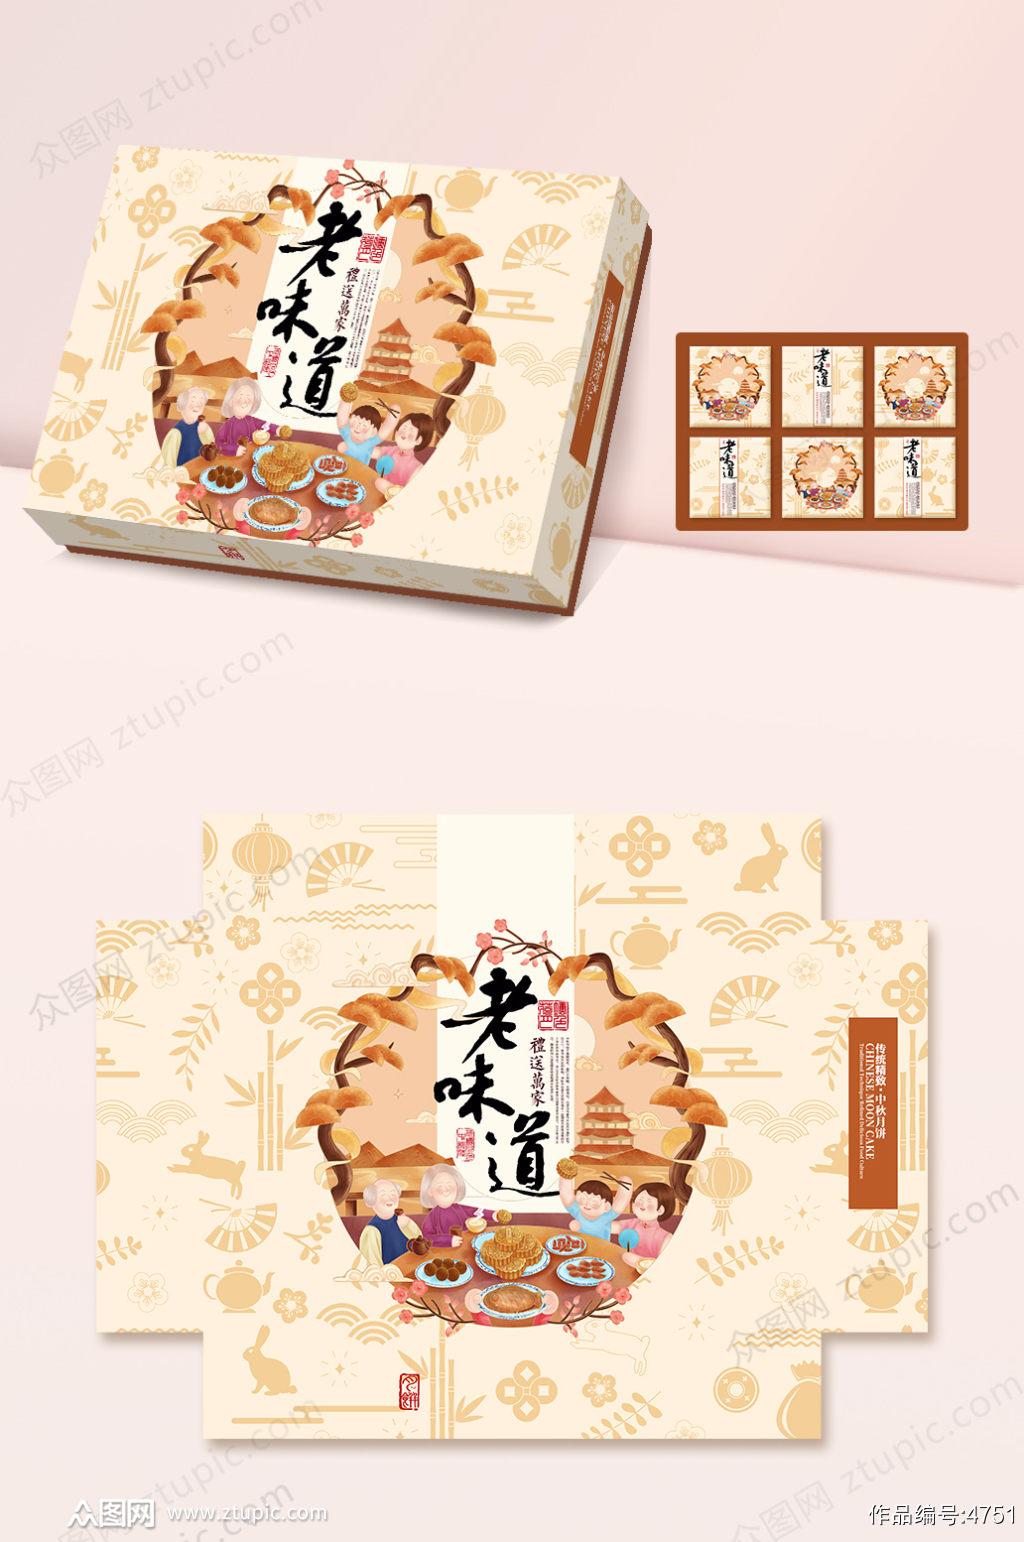 原创手绘插画中秋节月饼包装盒设计素材